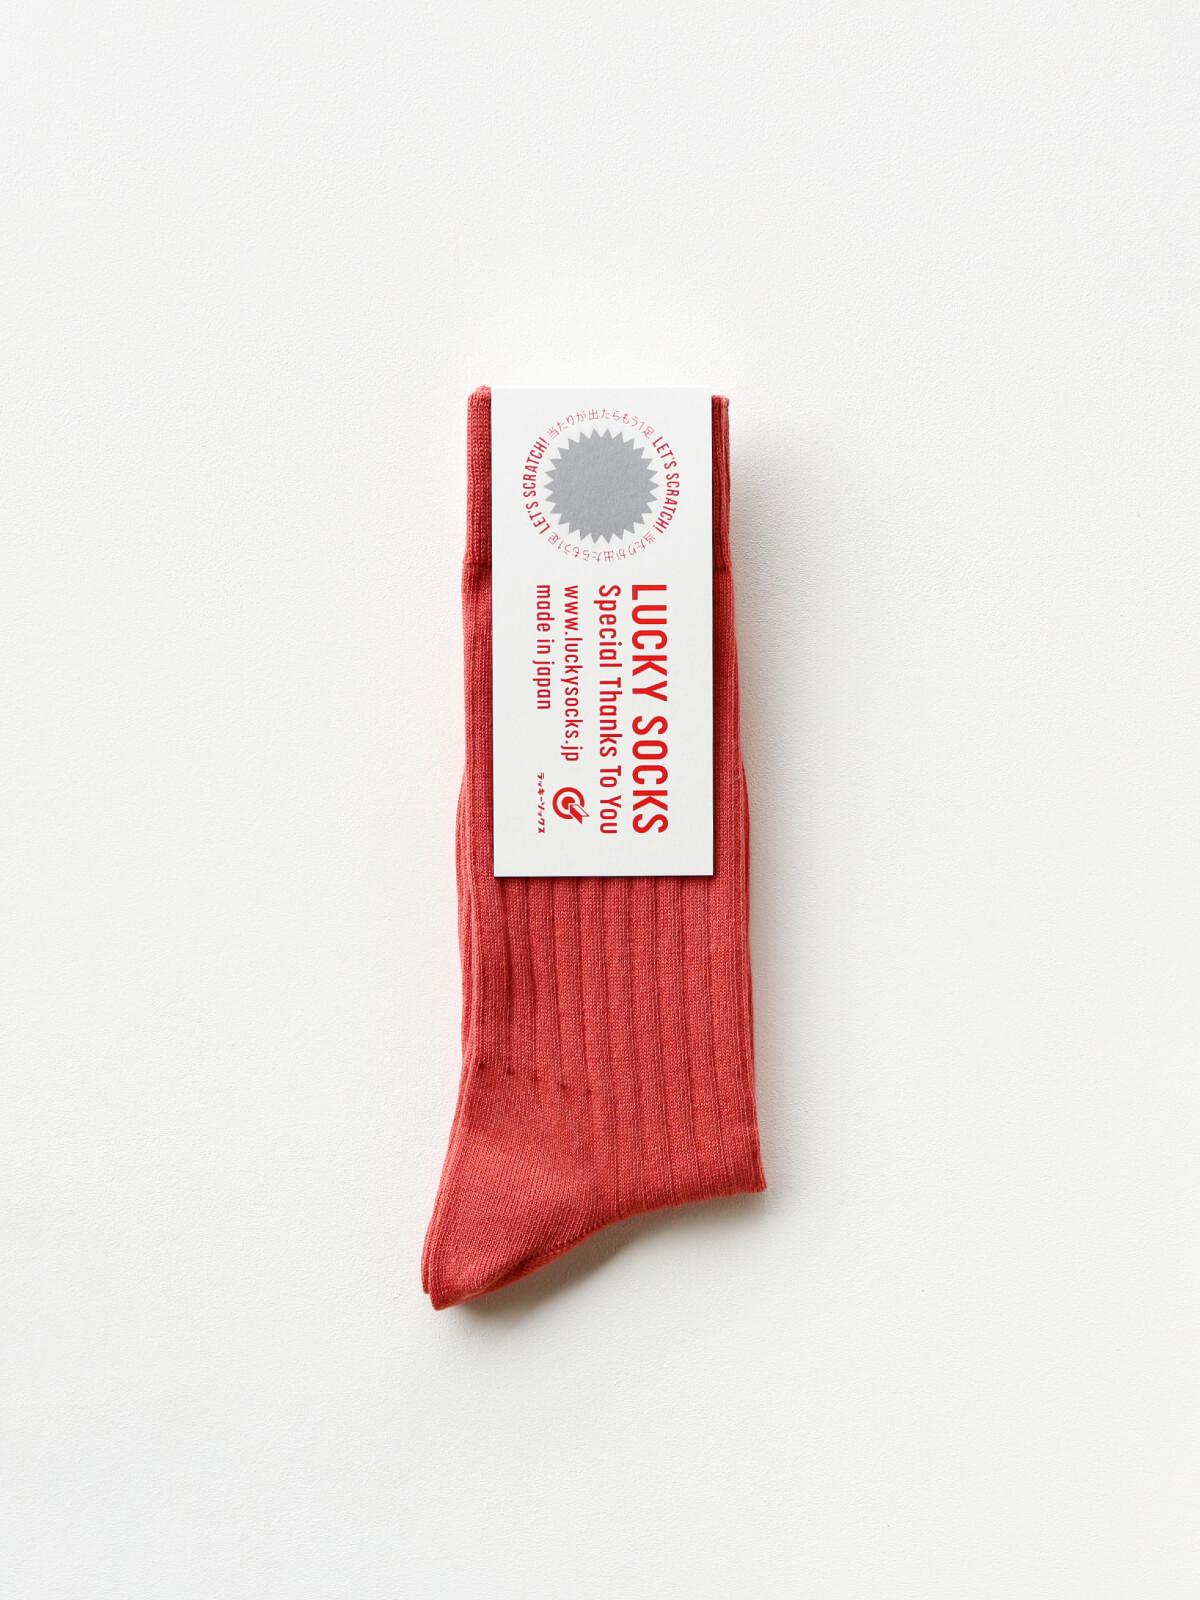 当たりつきギフト専用靴下のLUCKY SOCKS(ラッキーソックス)のLight Rib Socks(ライトリブソックス)のブラッドオレンジ_1